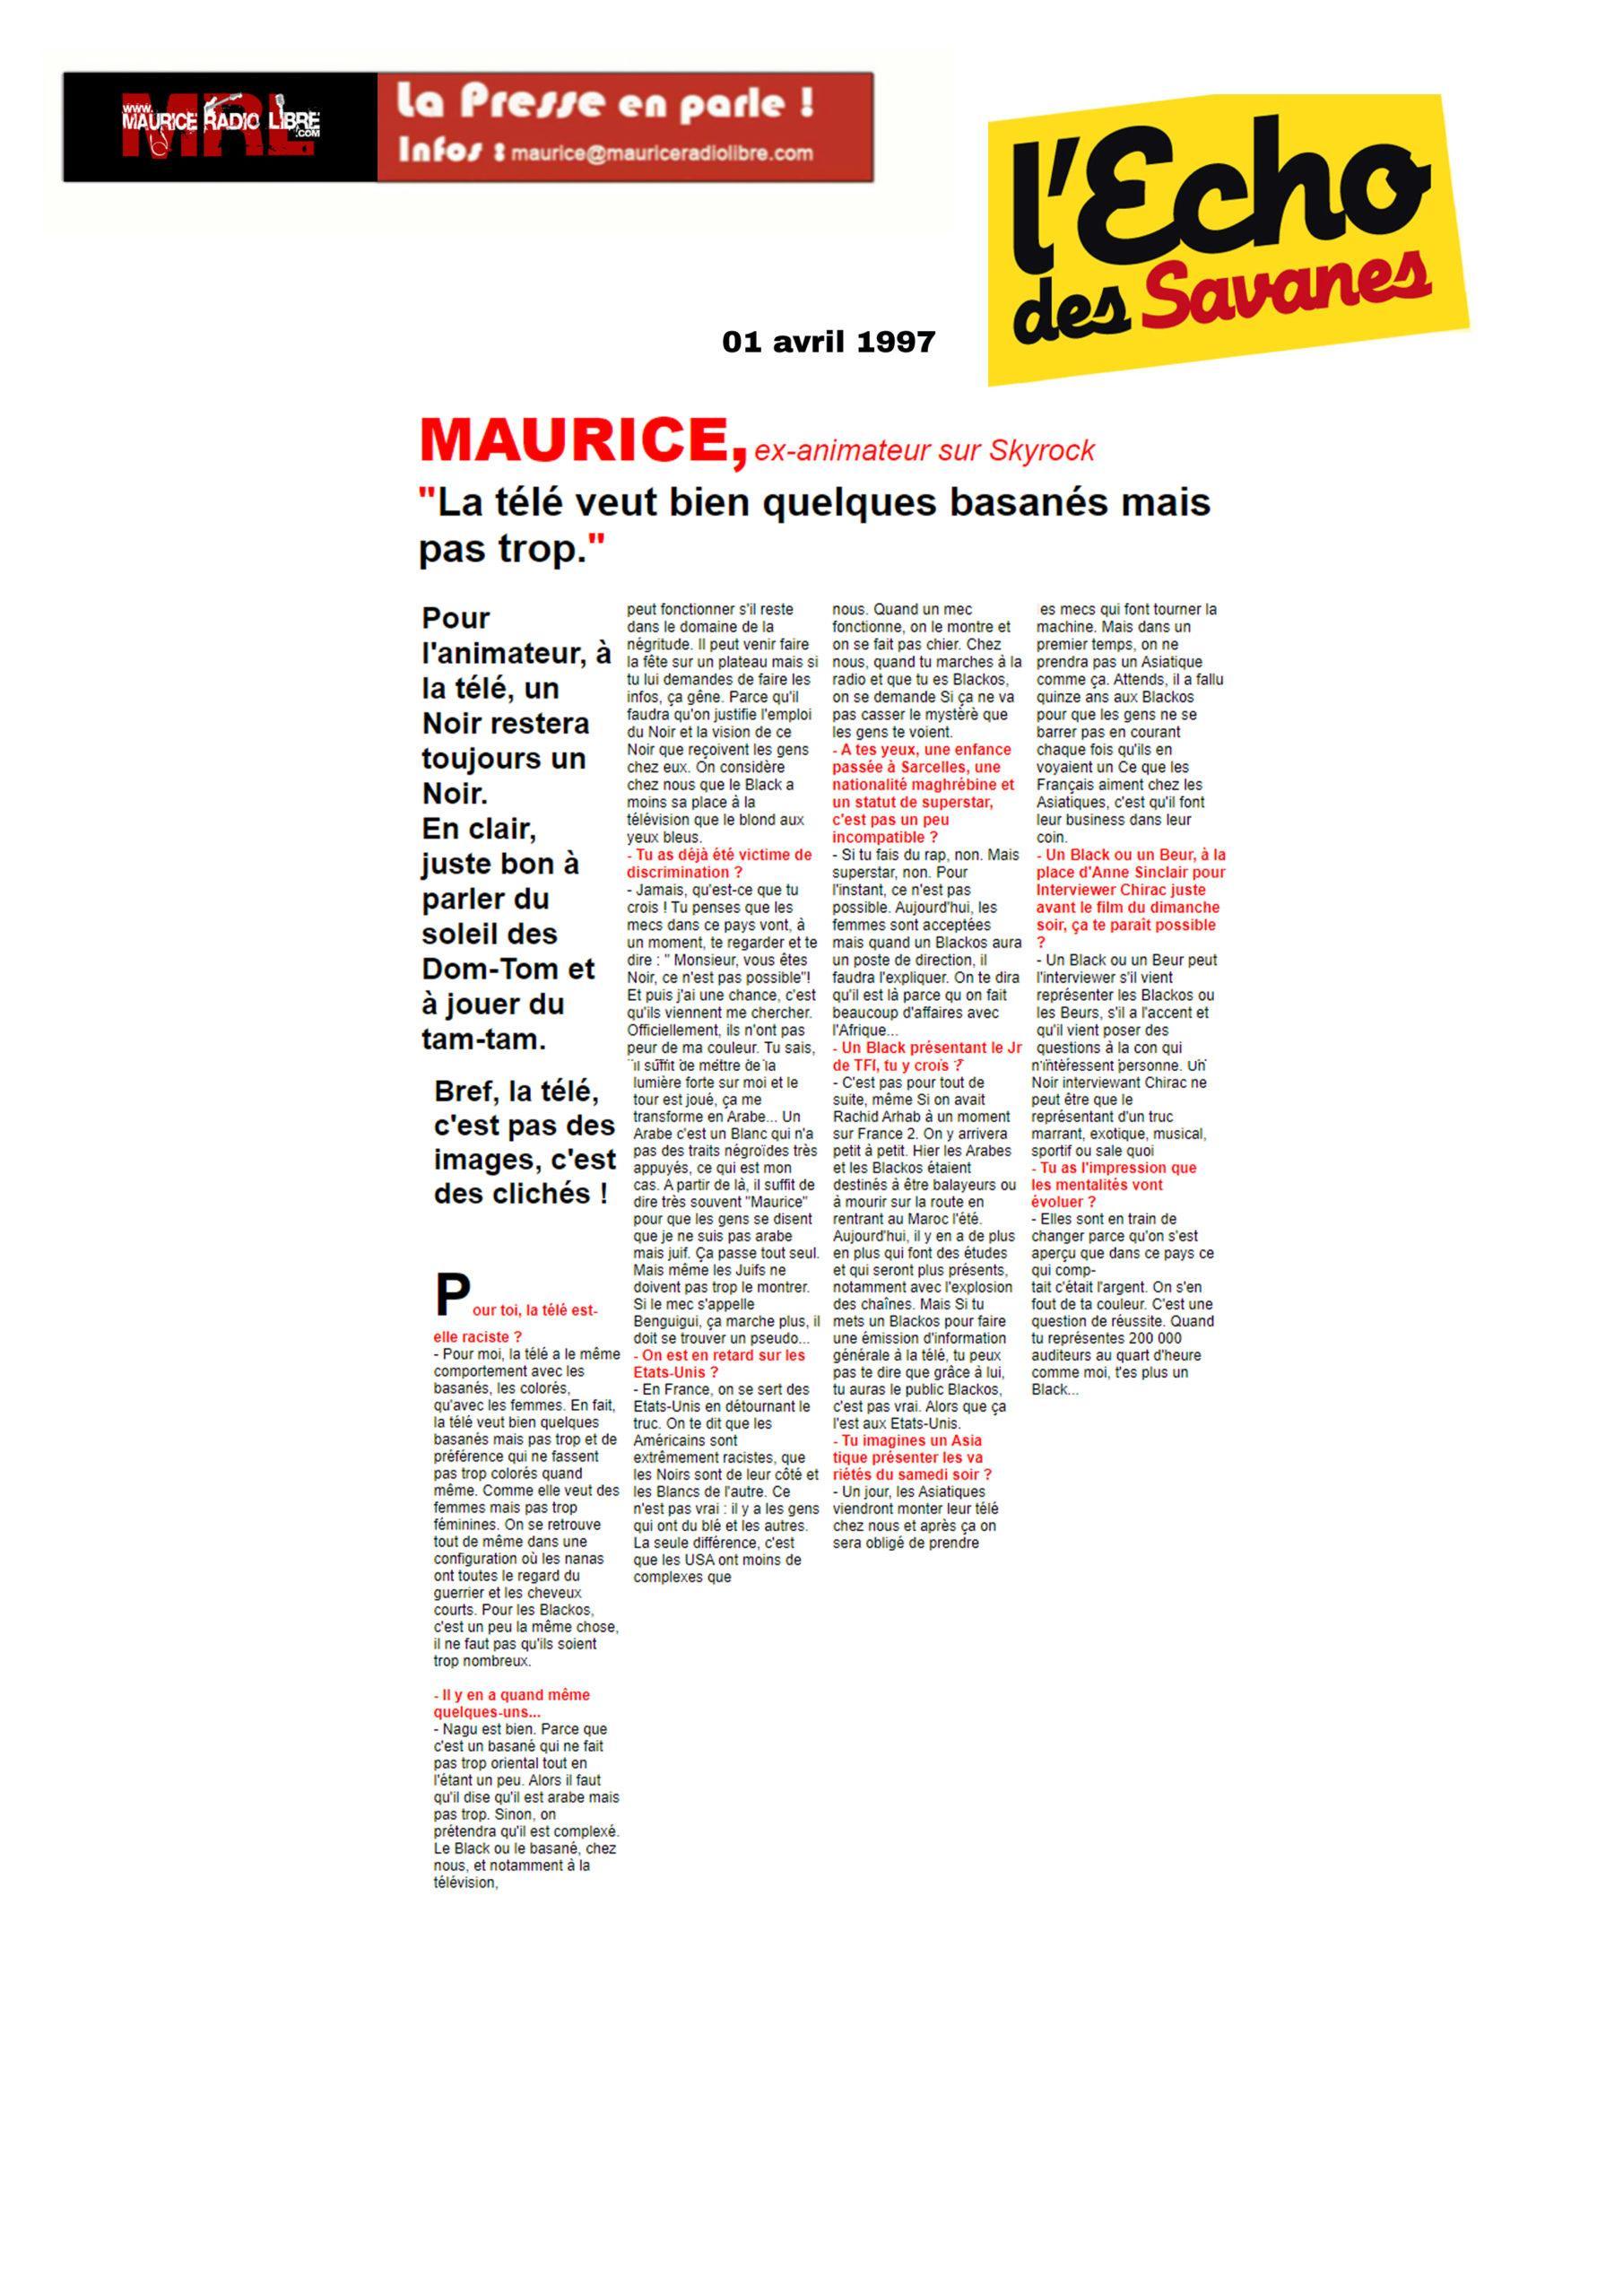 vignette L'Echo des Savanes MAURICE, ex-animateur sur Skyrock - 01/04/1997